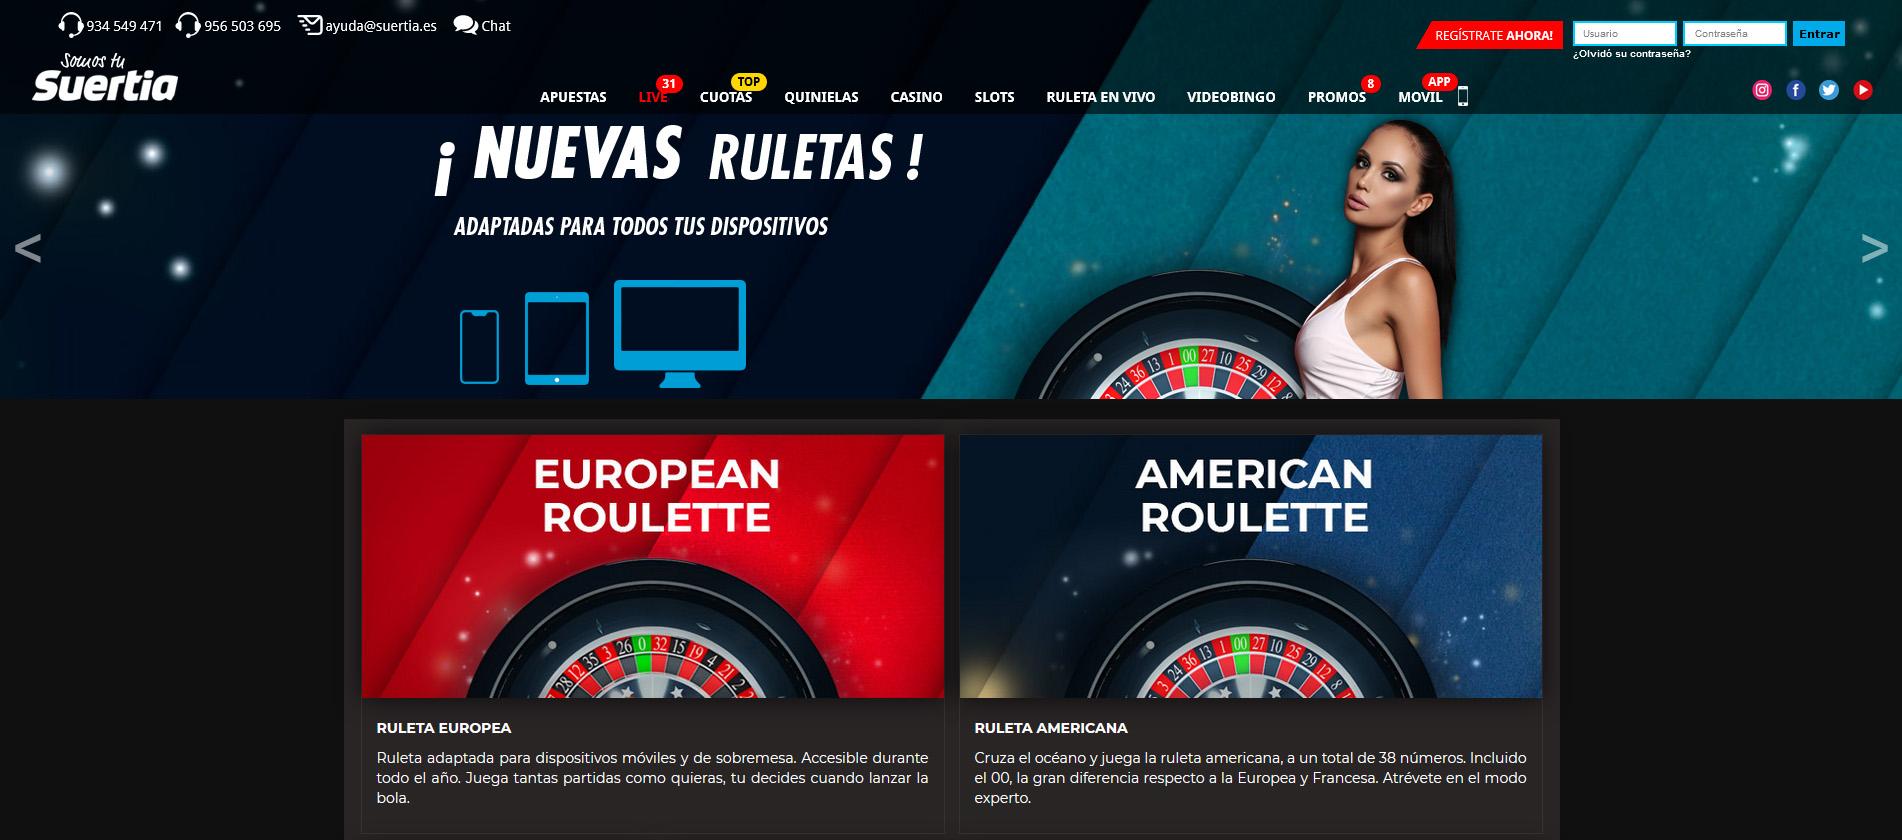 Casino Suertia